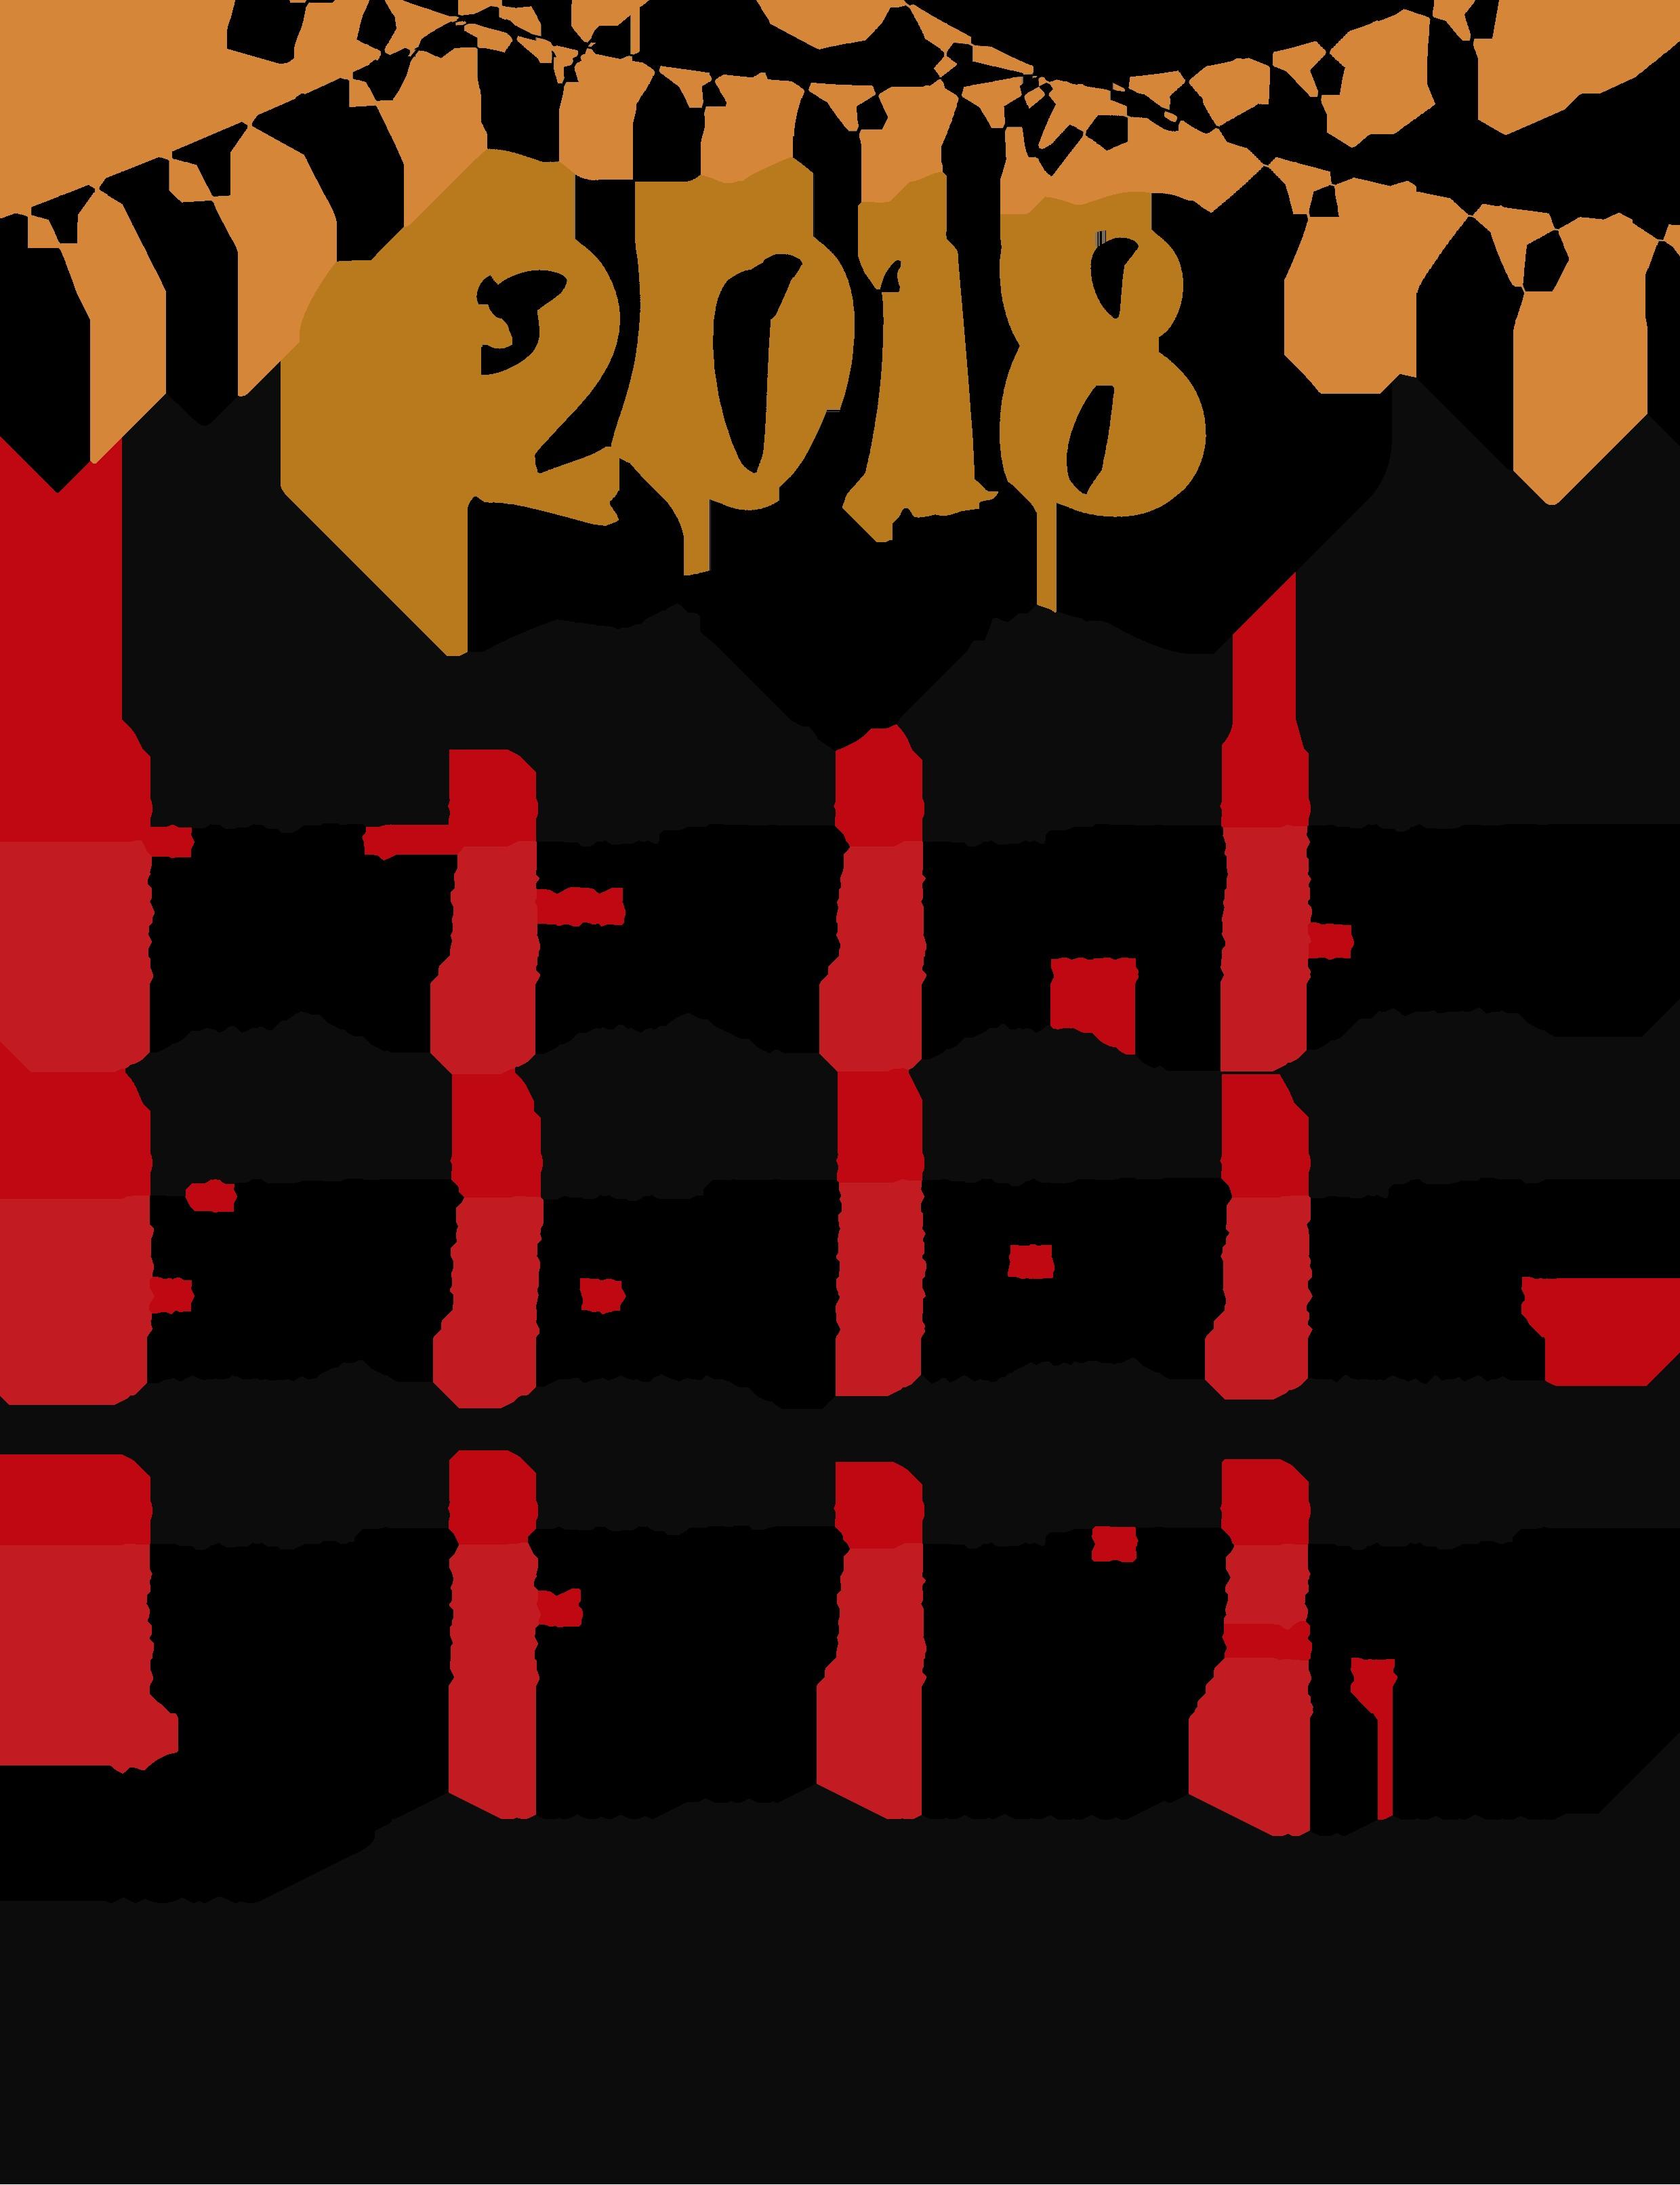 Calendario 2019 Venezuela Con Dias Feriados Más Caliente Lief Te Regala Este Calendario 2018 Para Imprimir Y Decorar Tu Hogar Of Calendario 2019 Venezuela Con Dias Feriados Más Recientes Letv Leeco Le S3 X626 5 5 Pulgadas 4gb Ram 32gb Rom Mtk6797 Helio